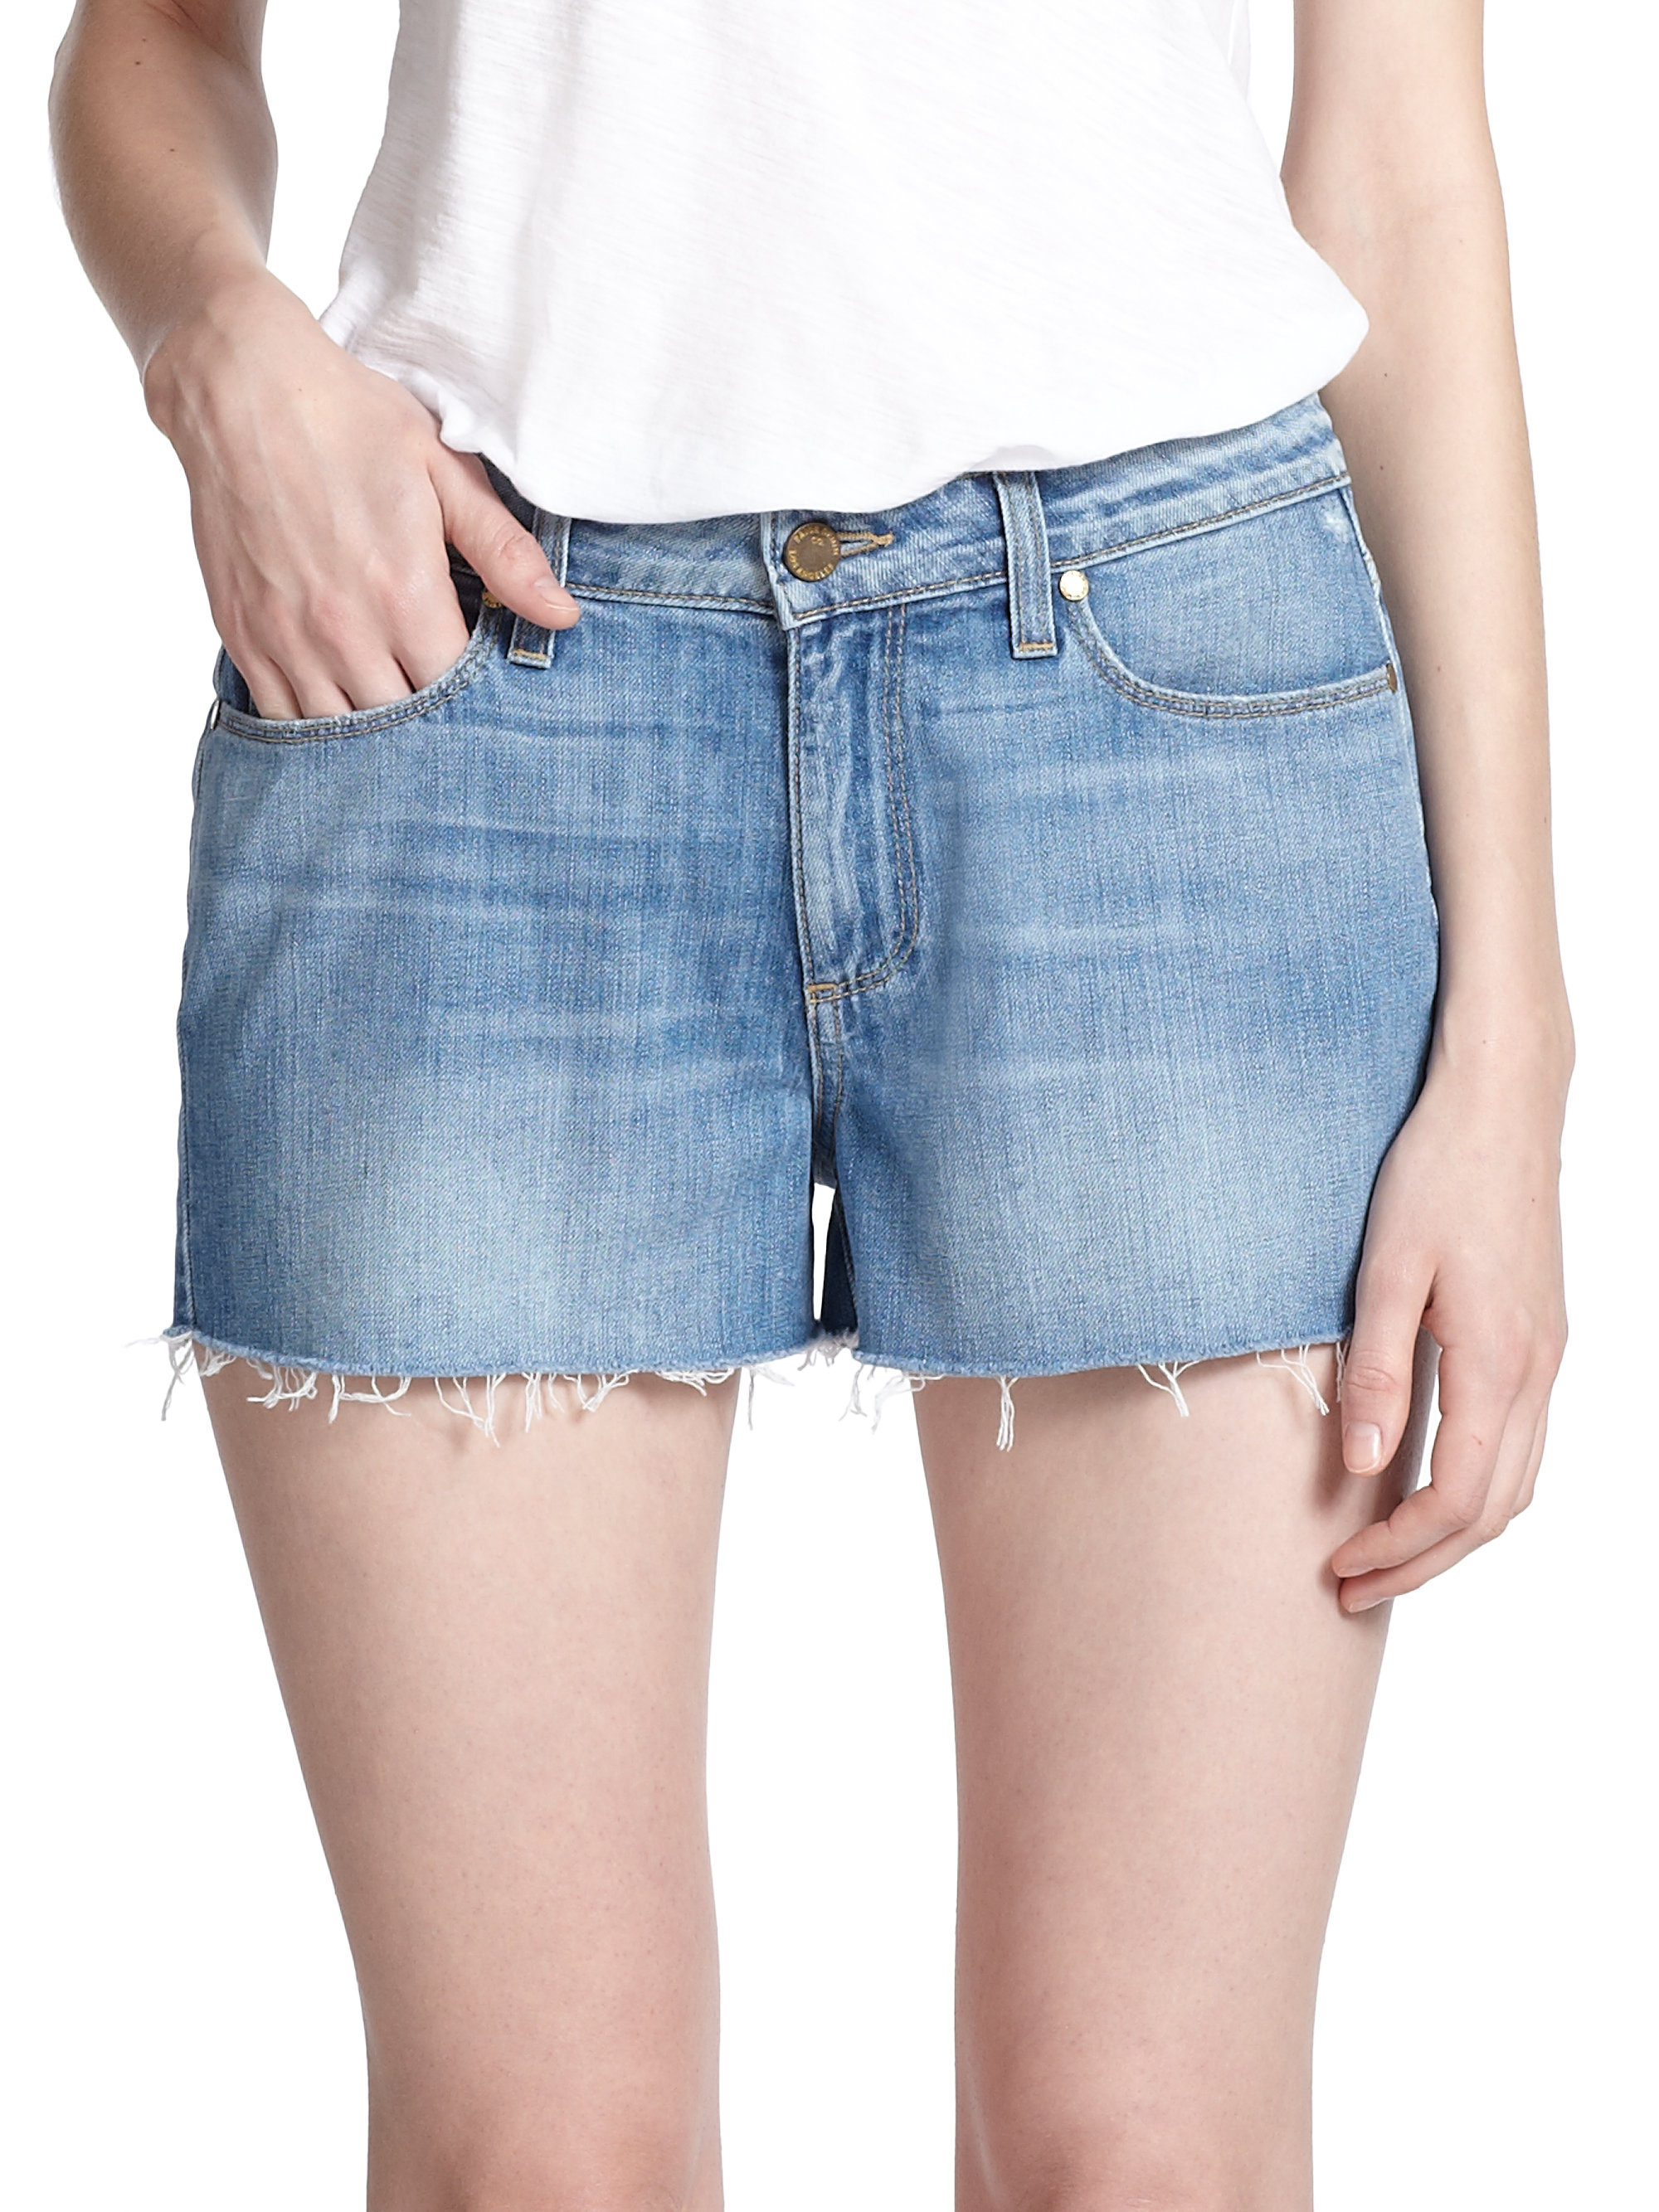 Paige Callie High-rise Cut-off Denim Shorts in Blue | Lyst